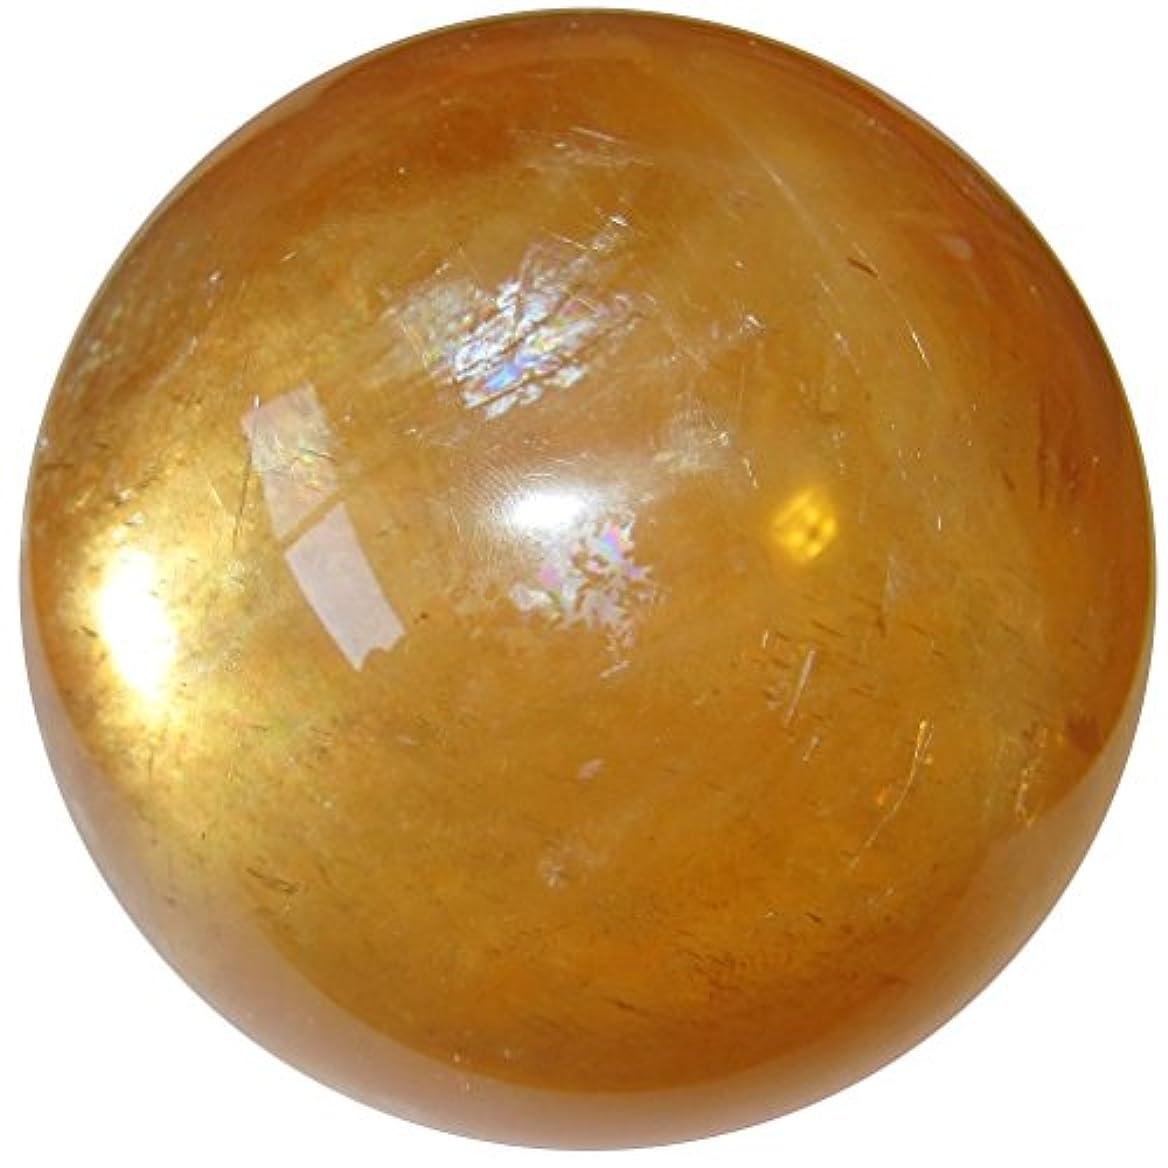 付与冷凍庫ハブCalciteオレンジボール3.4